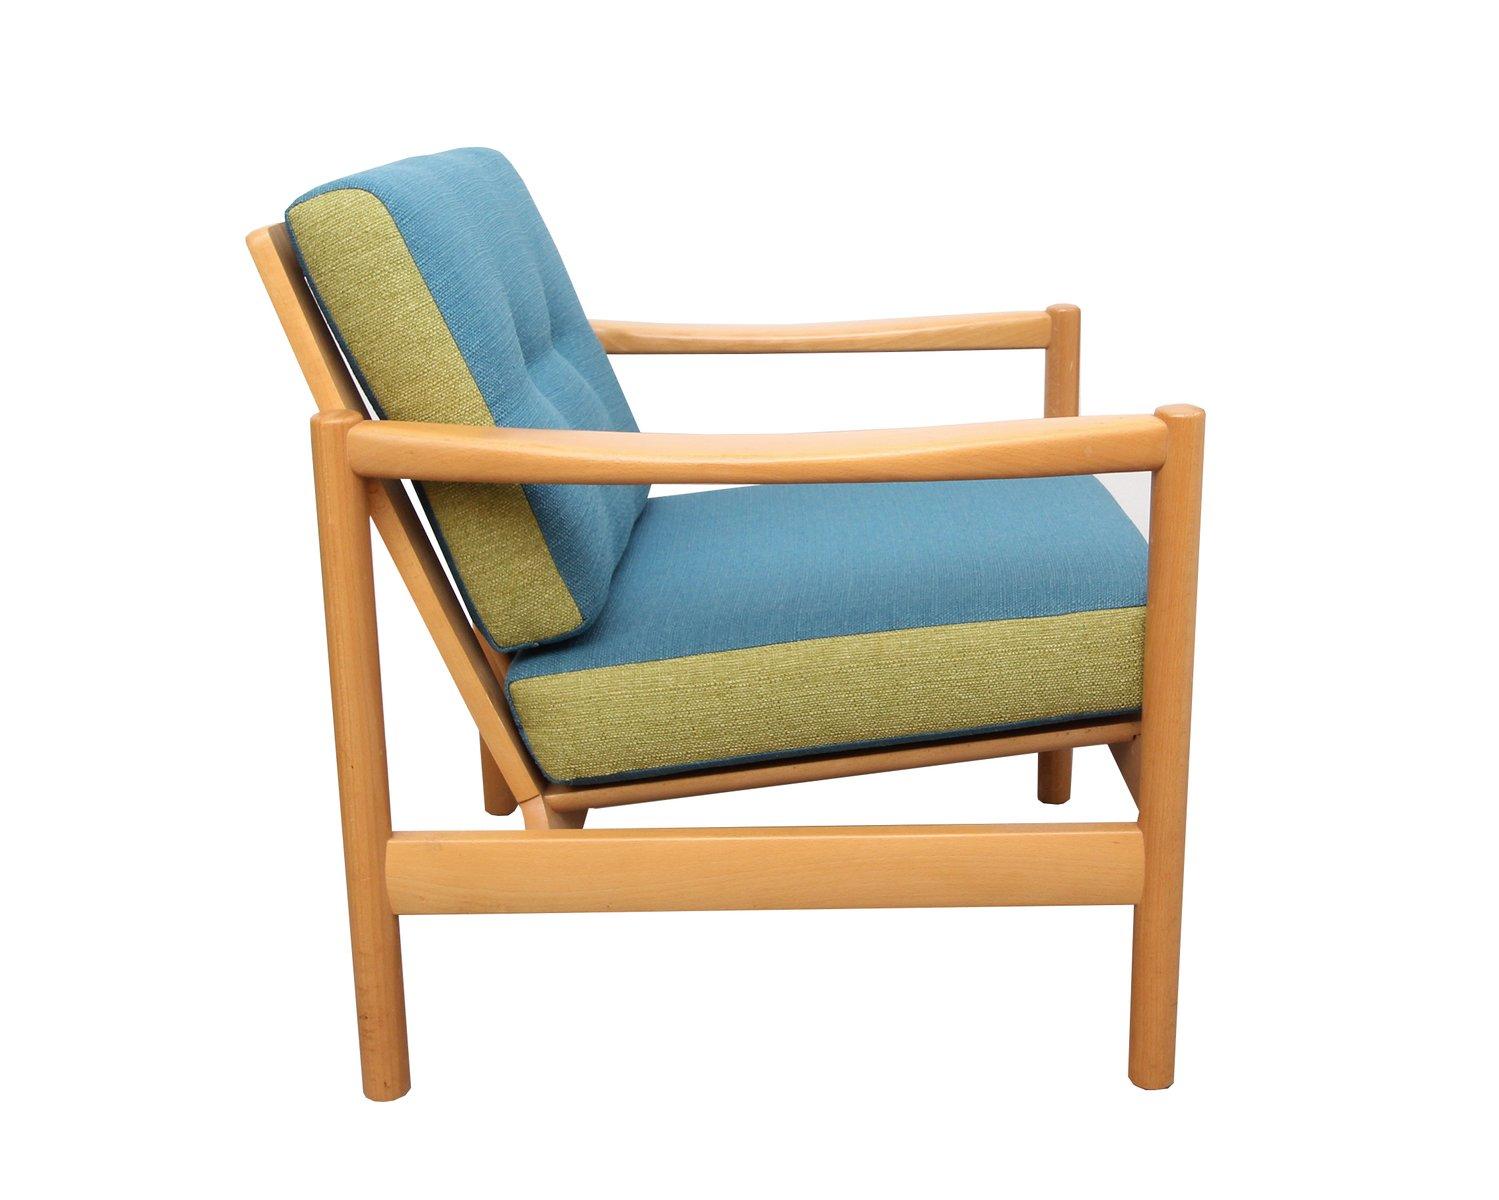 sessel in blau hellgr n 1960er bei pamono kaufen. Black Bedroom Furniture Sets. Home Design Ideas